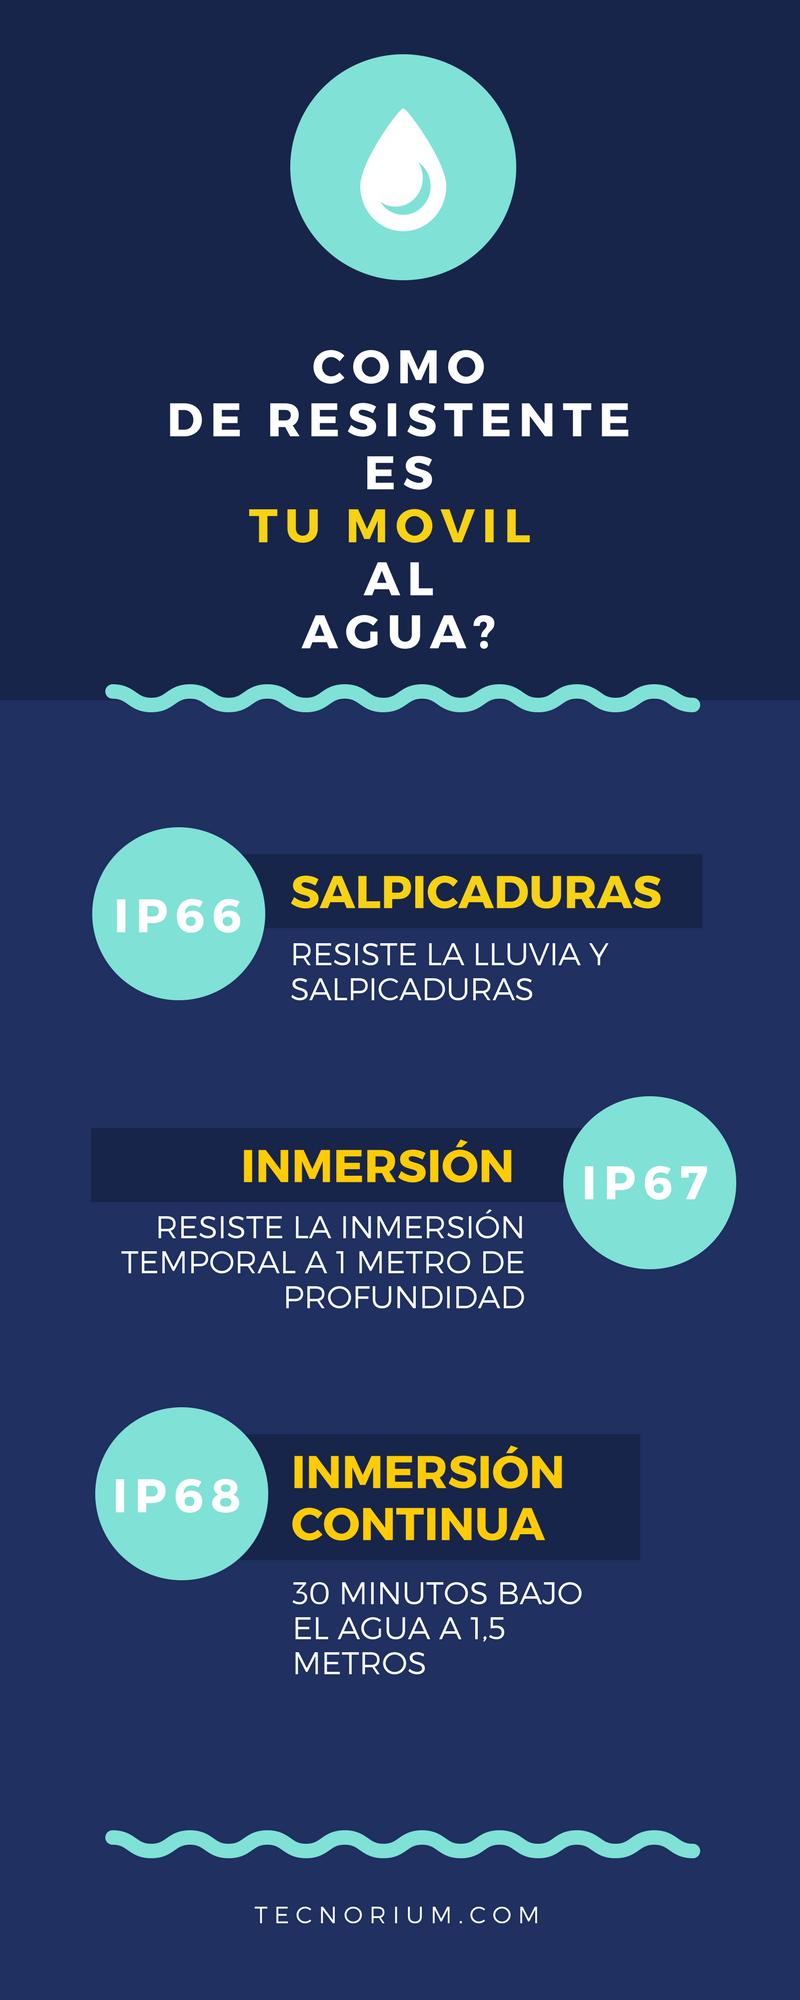 Infografía: Cómo de resistente es tu móvil al agua según su grado de protección IP